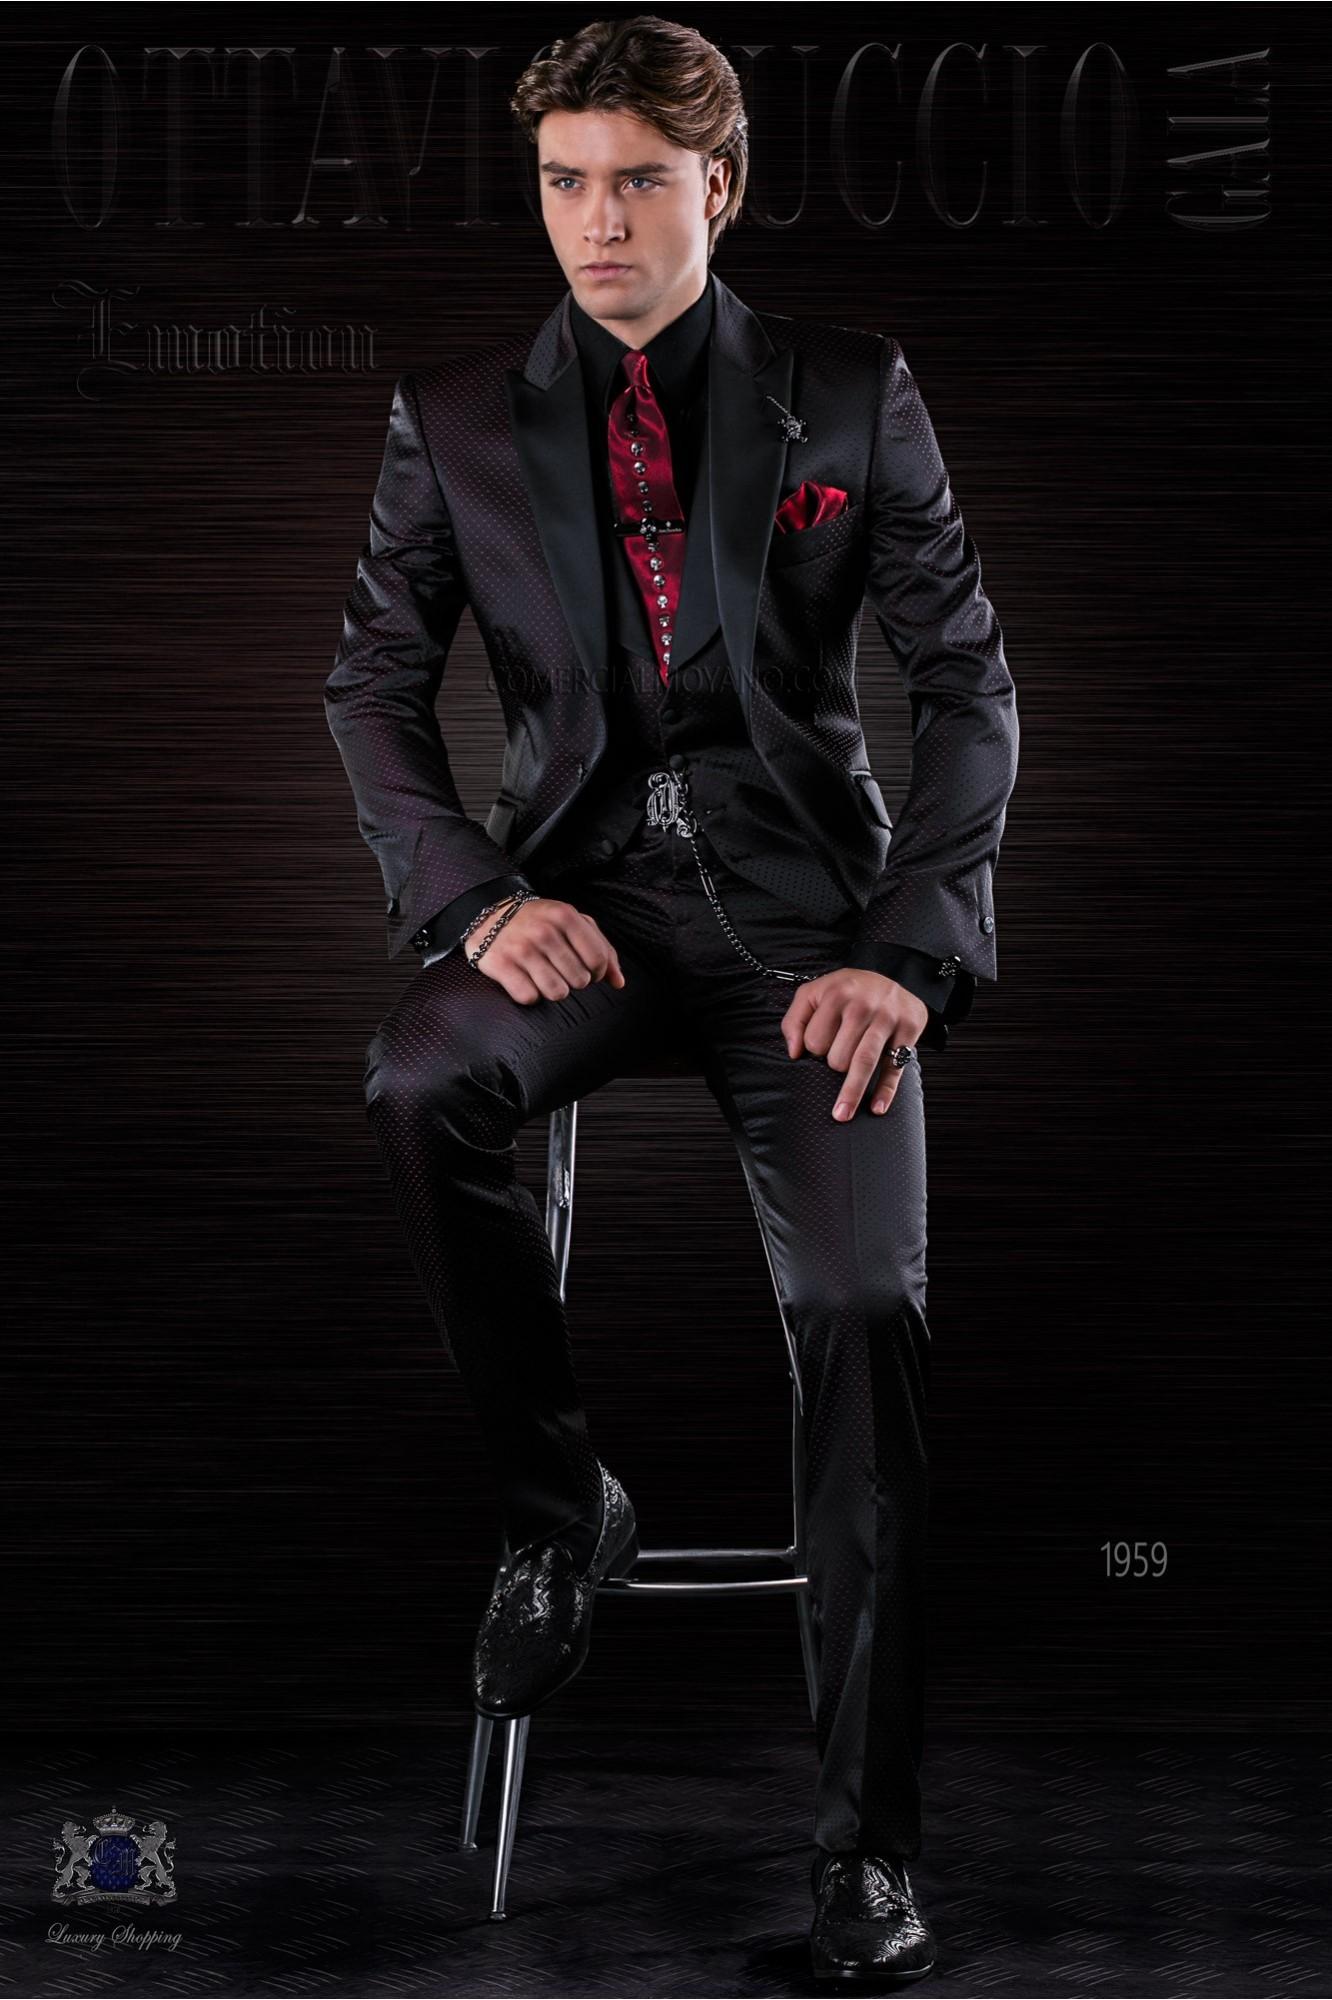 costume noir pour homme de mode avec pois rouge ottavio nuccio gala. Black Bedroom Furniture Sets. Home Design Ideas